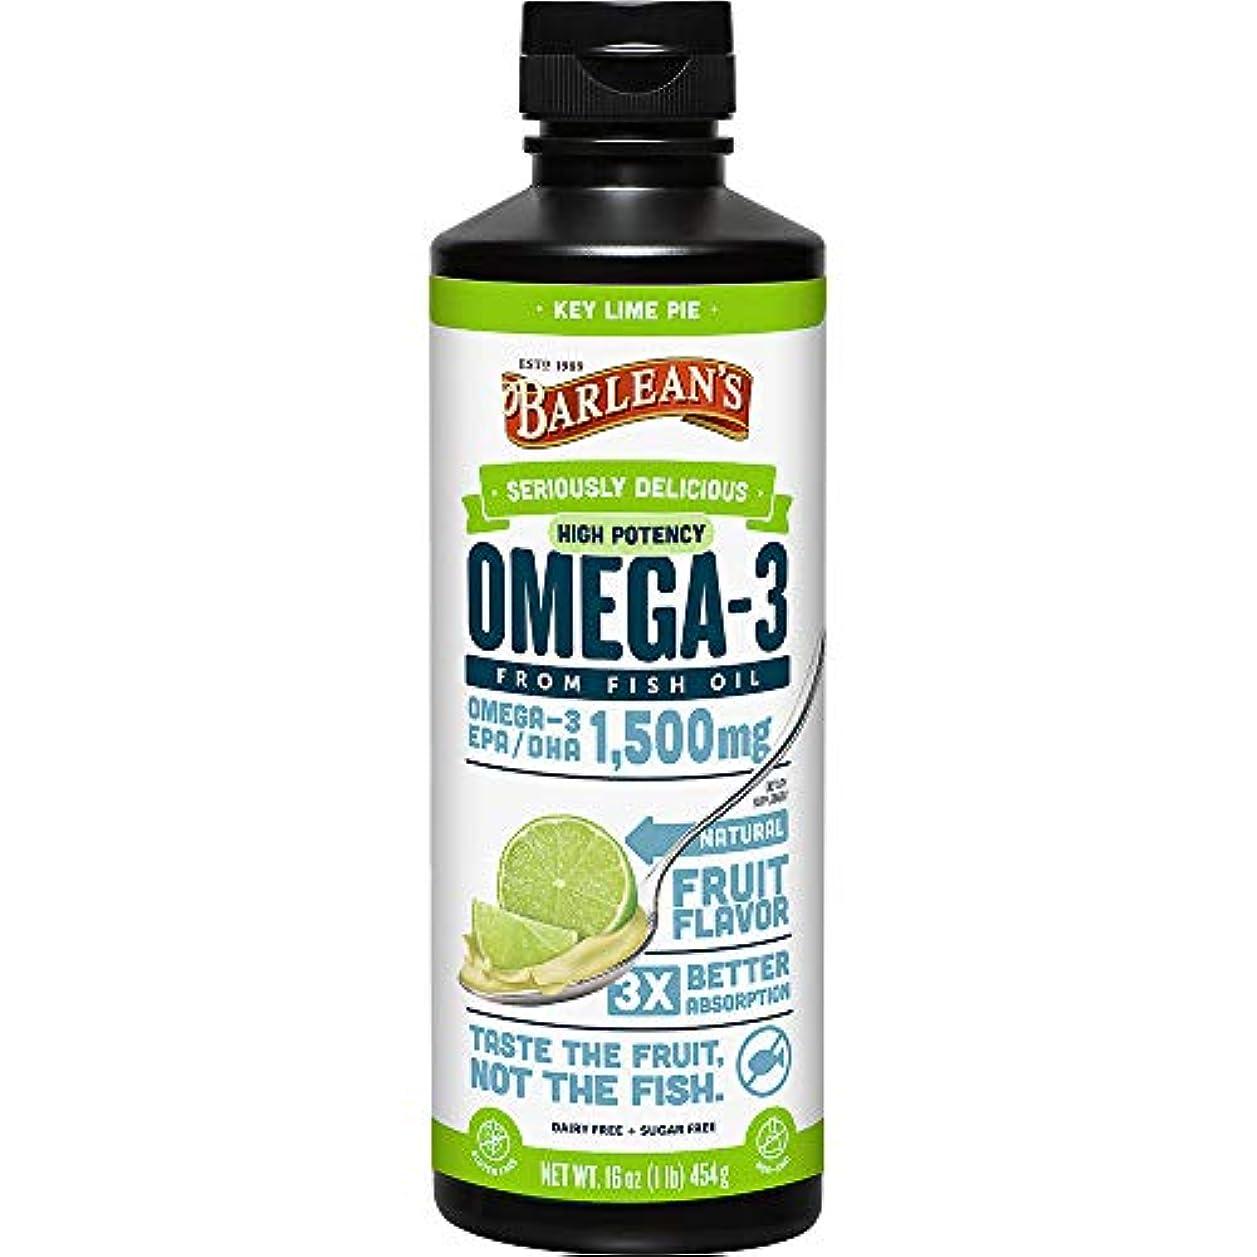 無視できる自発的操作可能Barlean's - Omegaの渦巻の魚オイルの超高い潜在的能力Key石灰 1500 mg。16ポンド